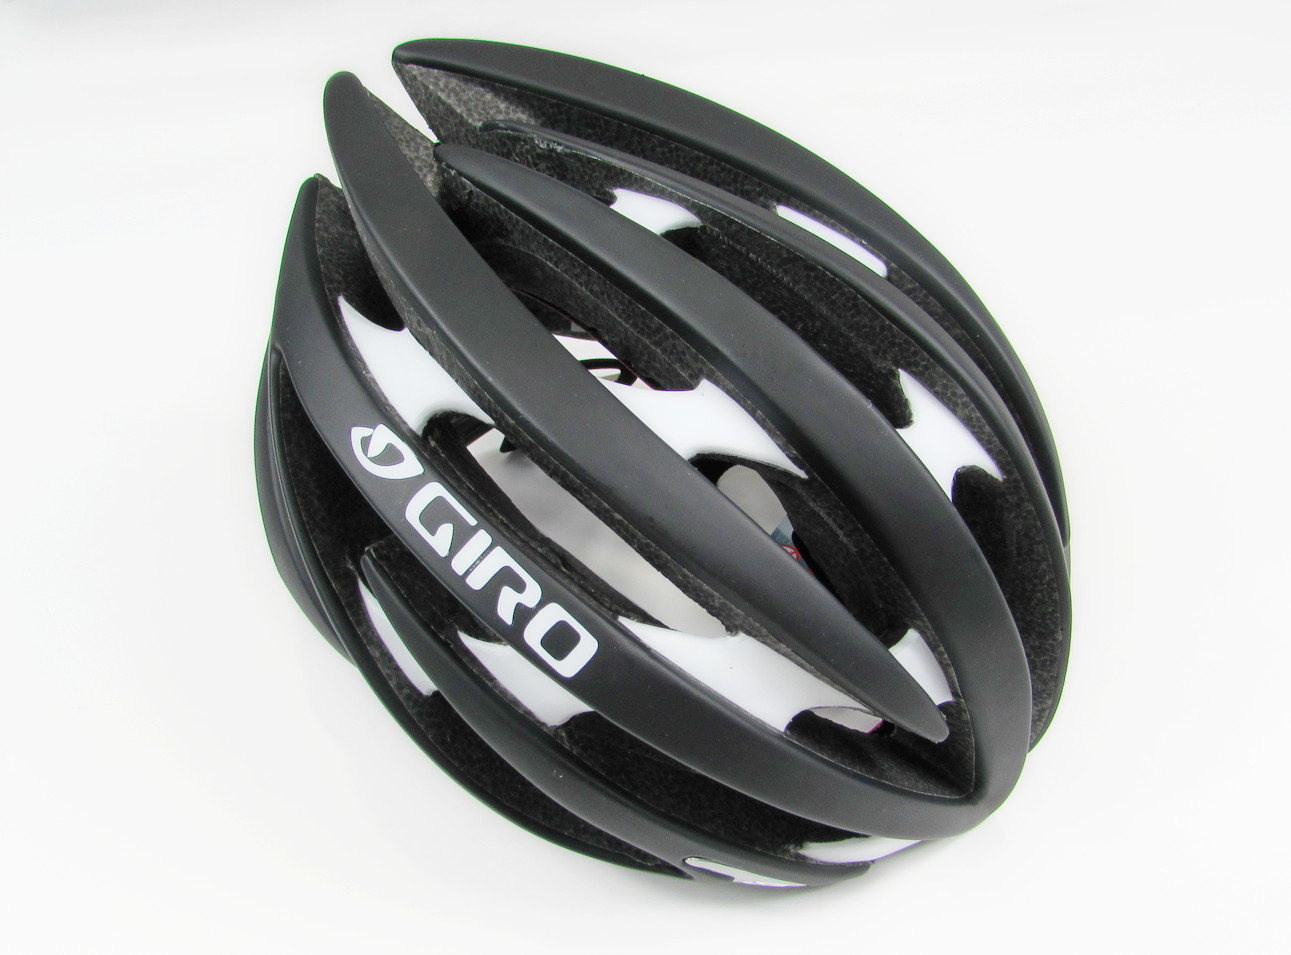 Giro Aeon Cycling Helmet, size М, Black-White 2